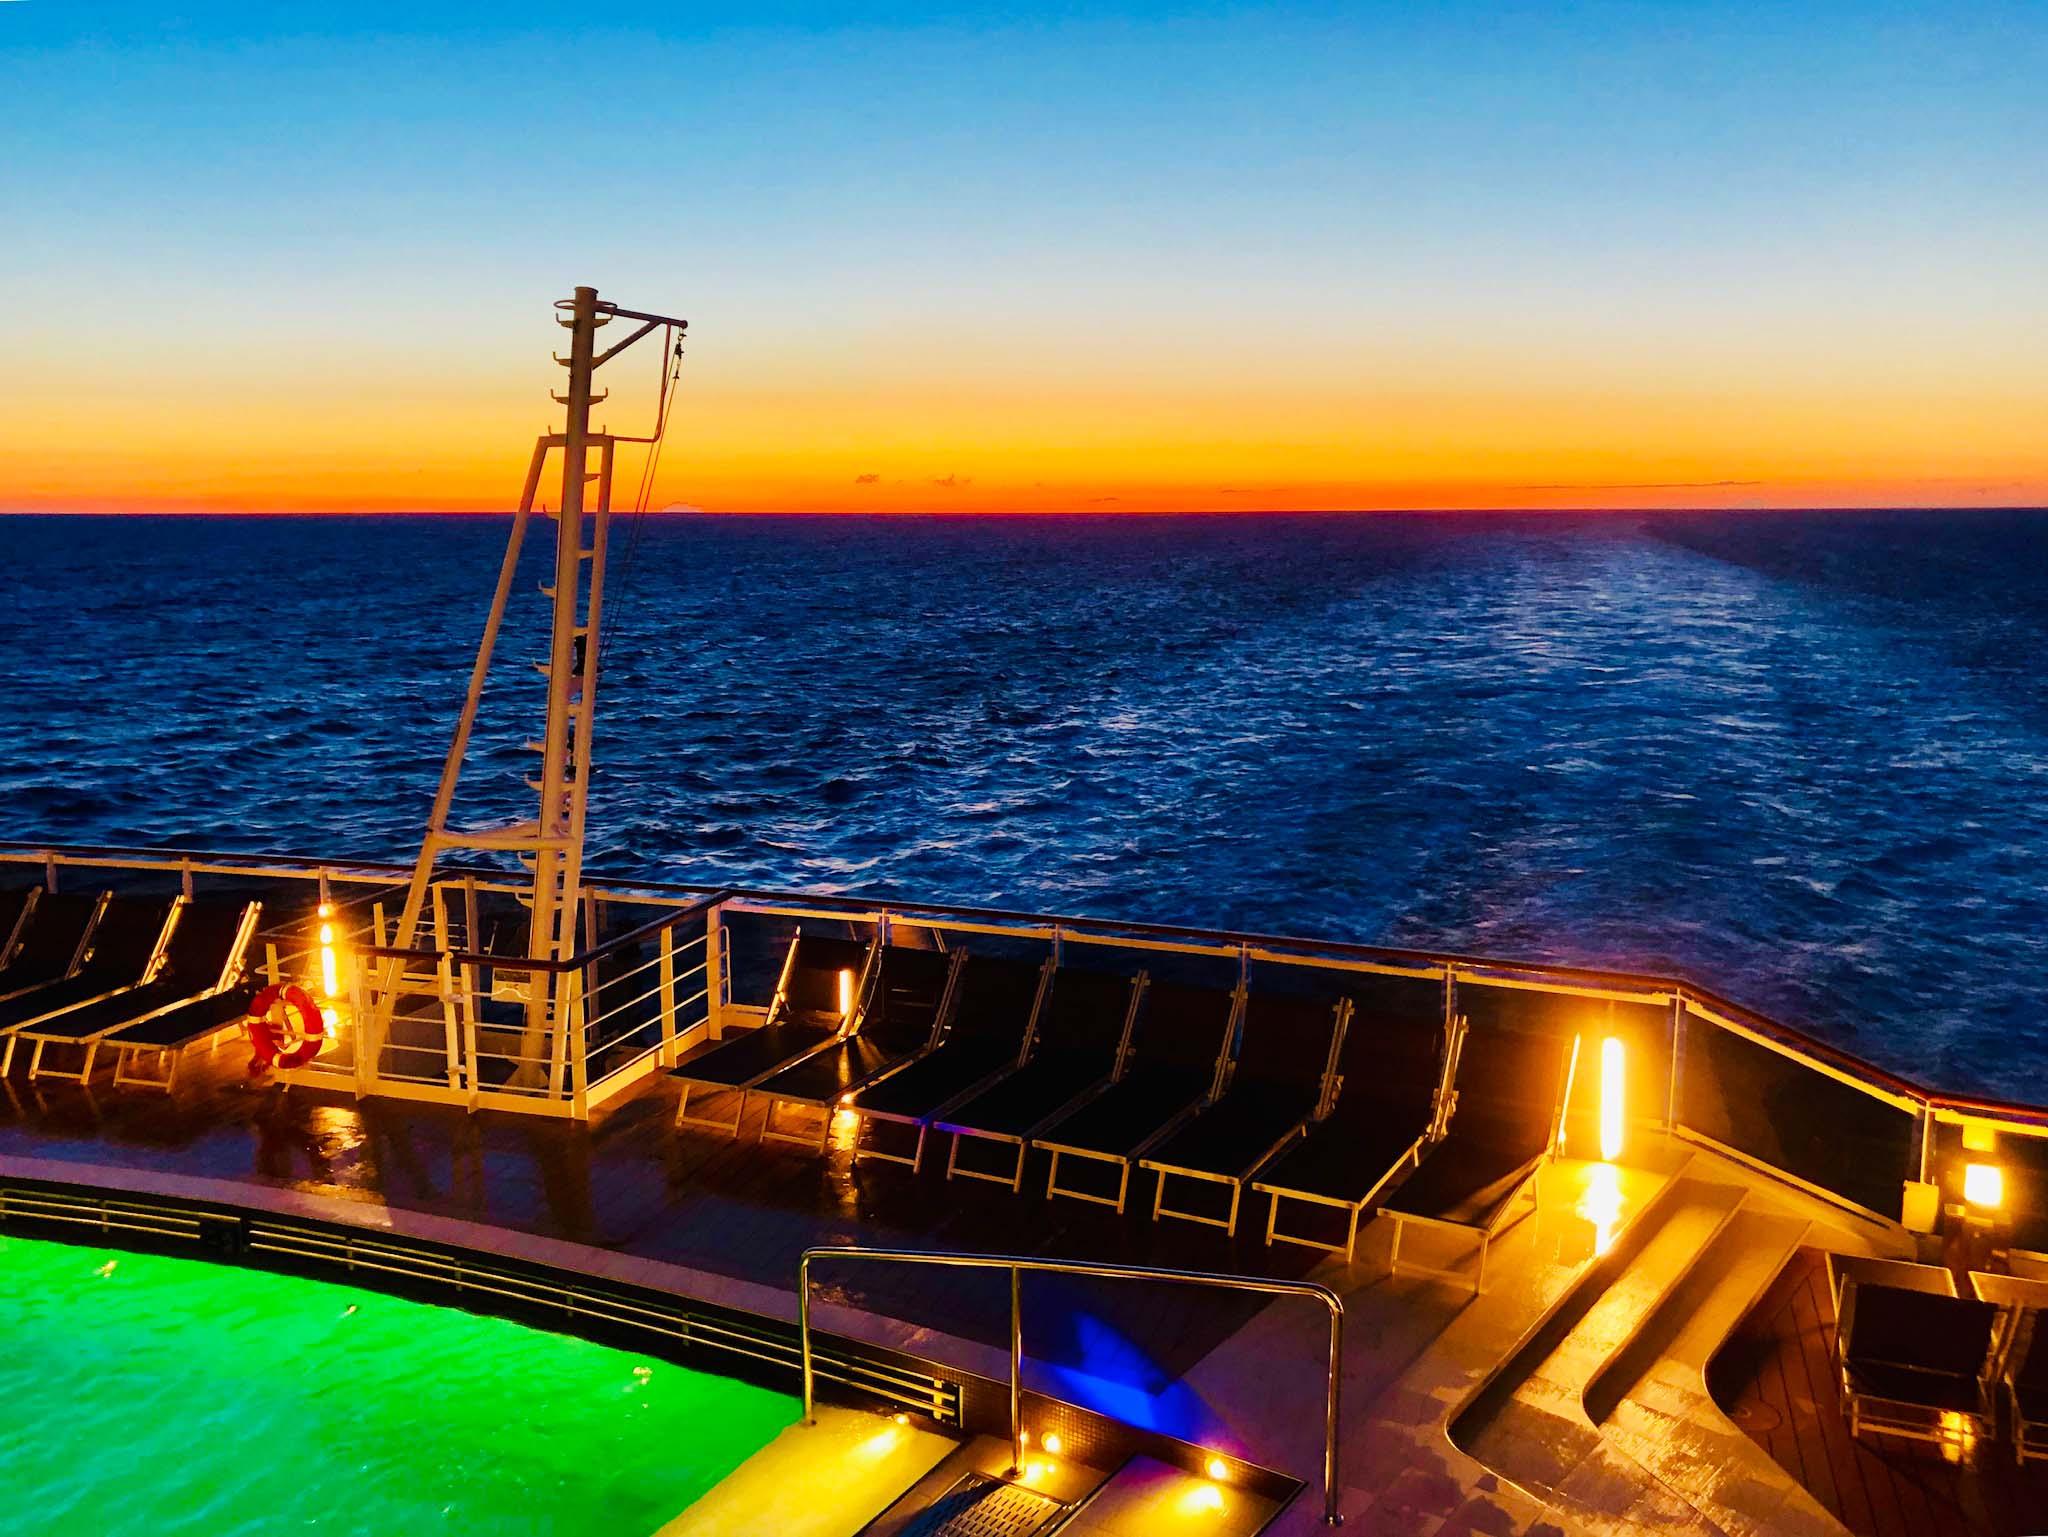 MSC Seaview - utsikten